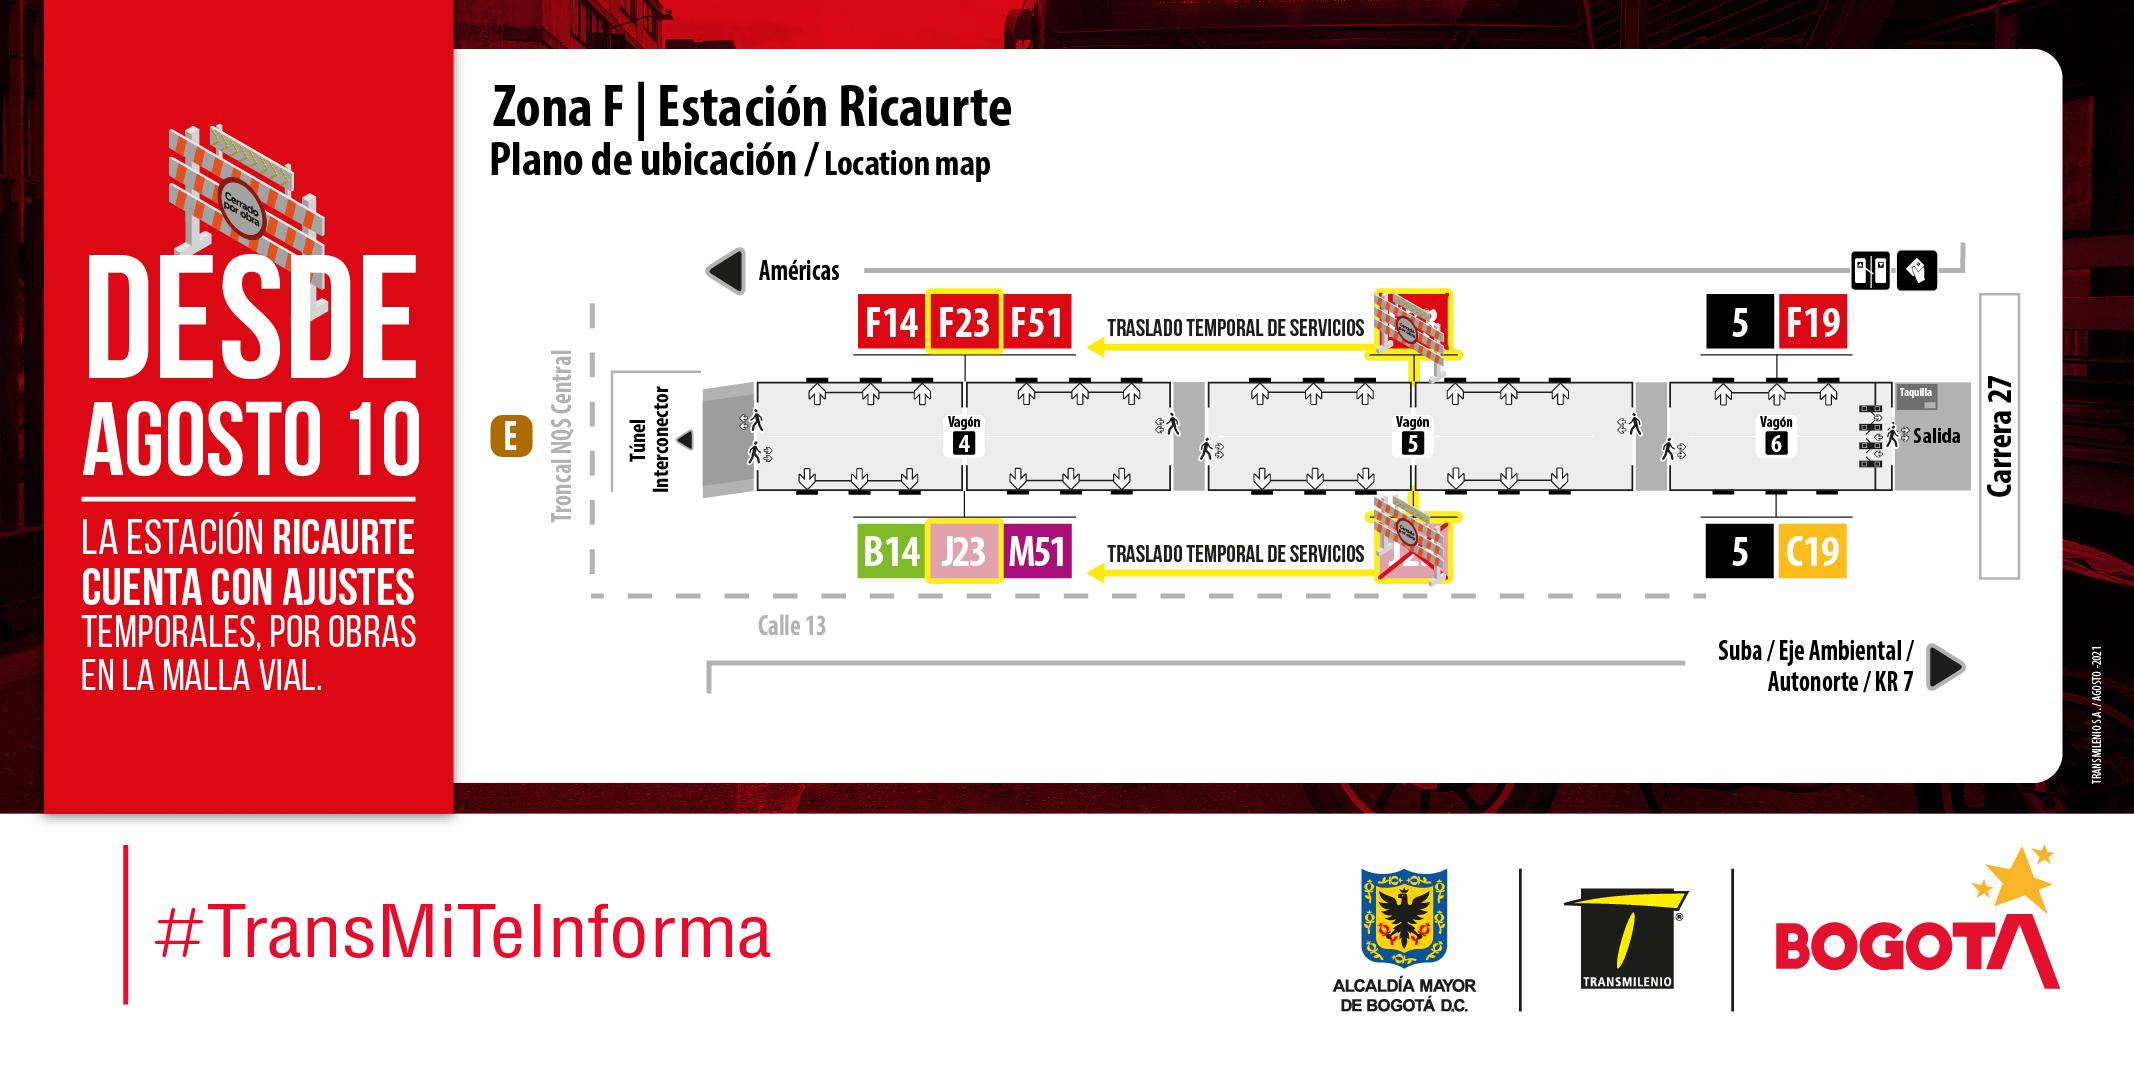 Estación Ricaurte tendrá ajustes temporales